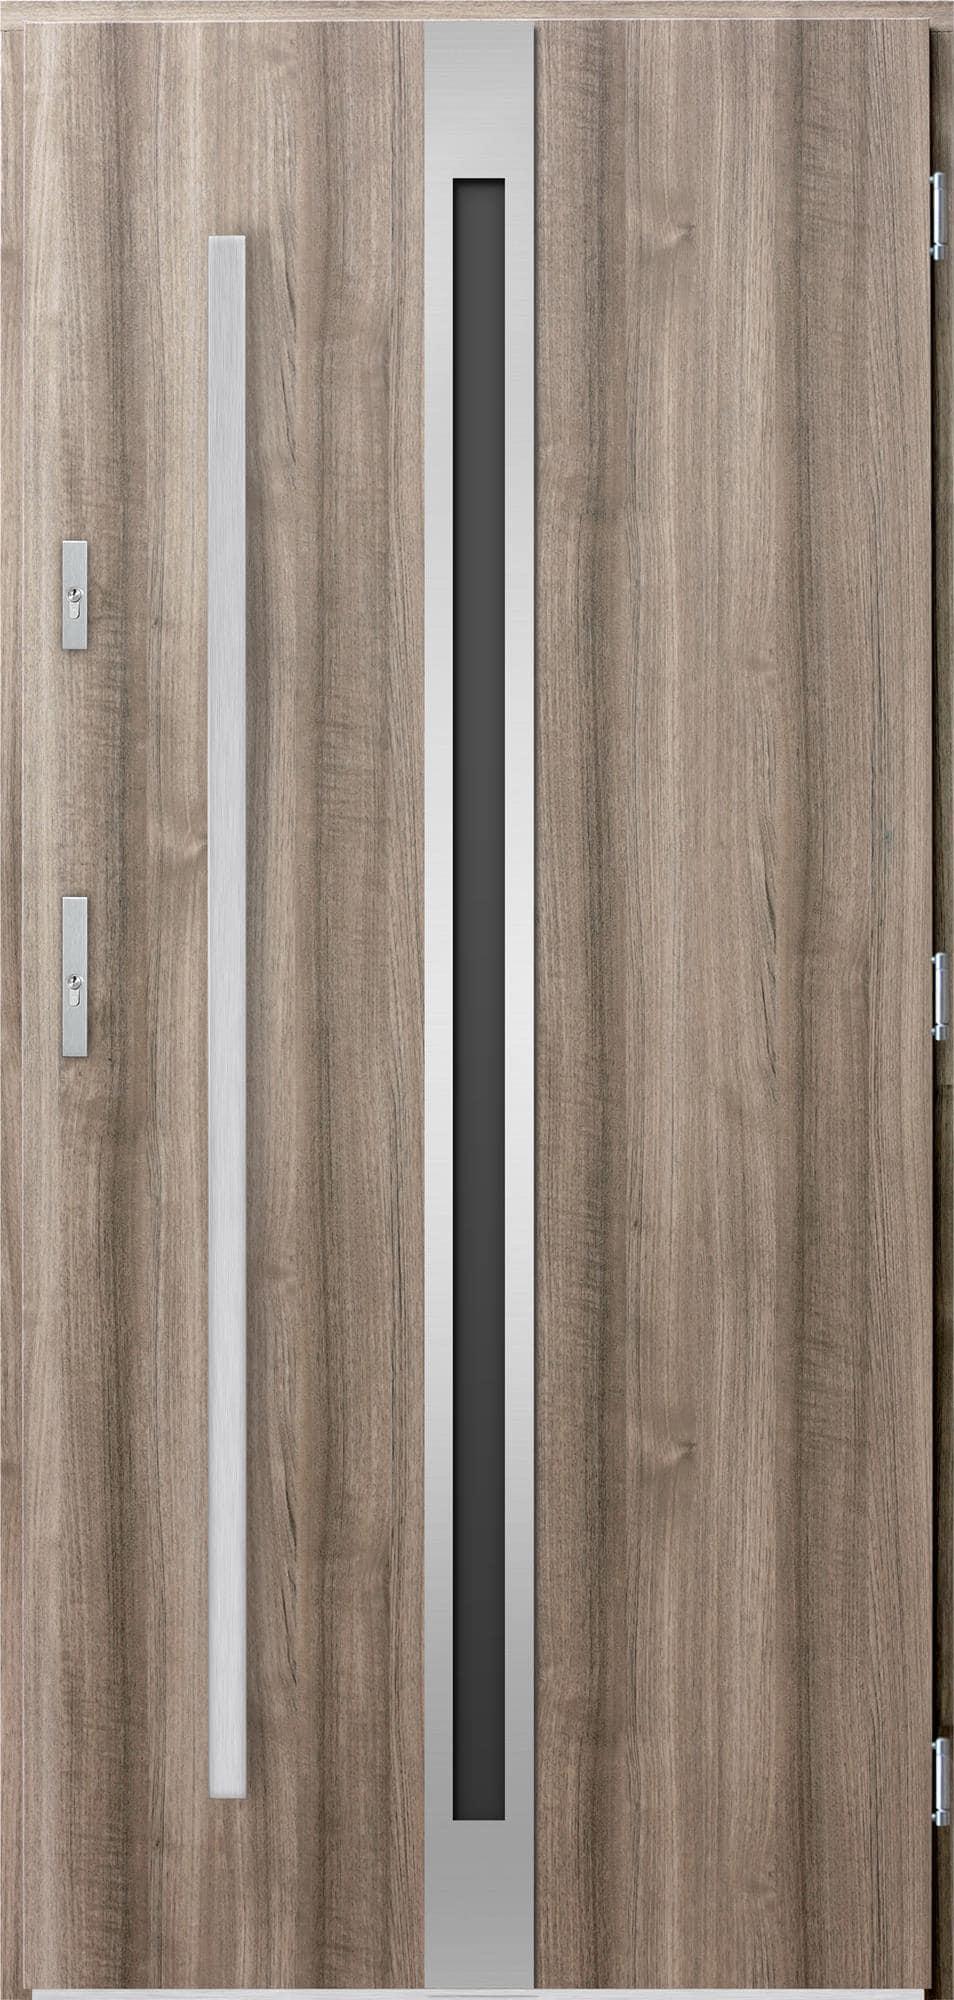 Venkovní vchodové dveøe Linea, svìtlý dub